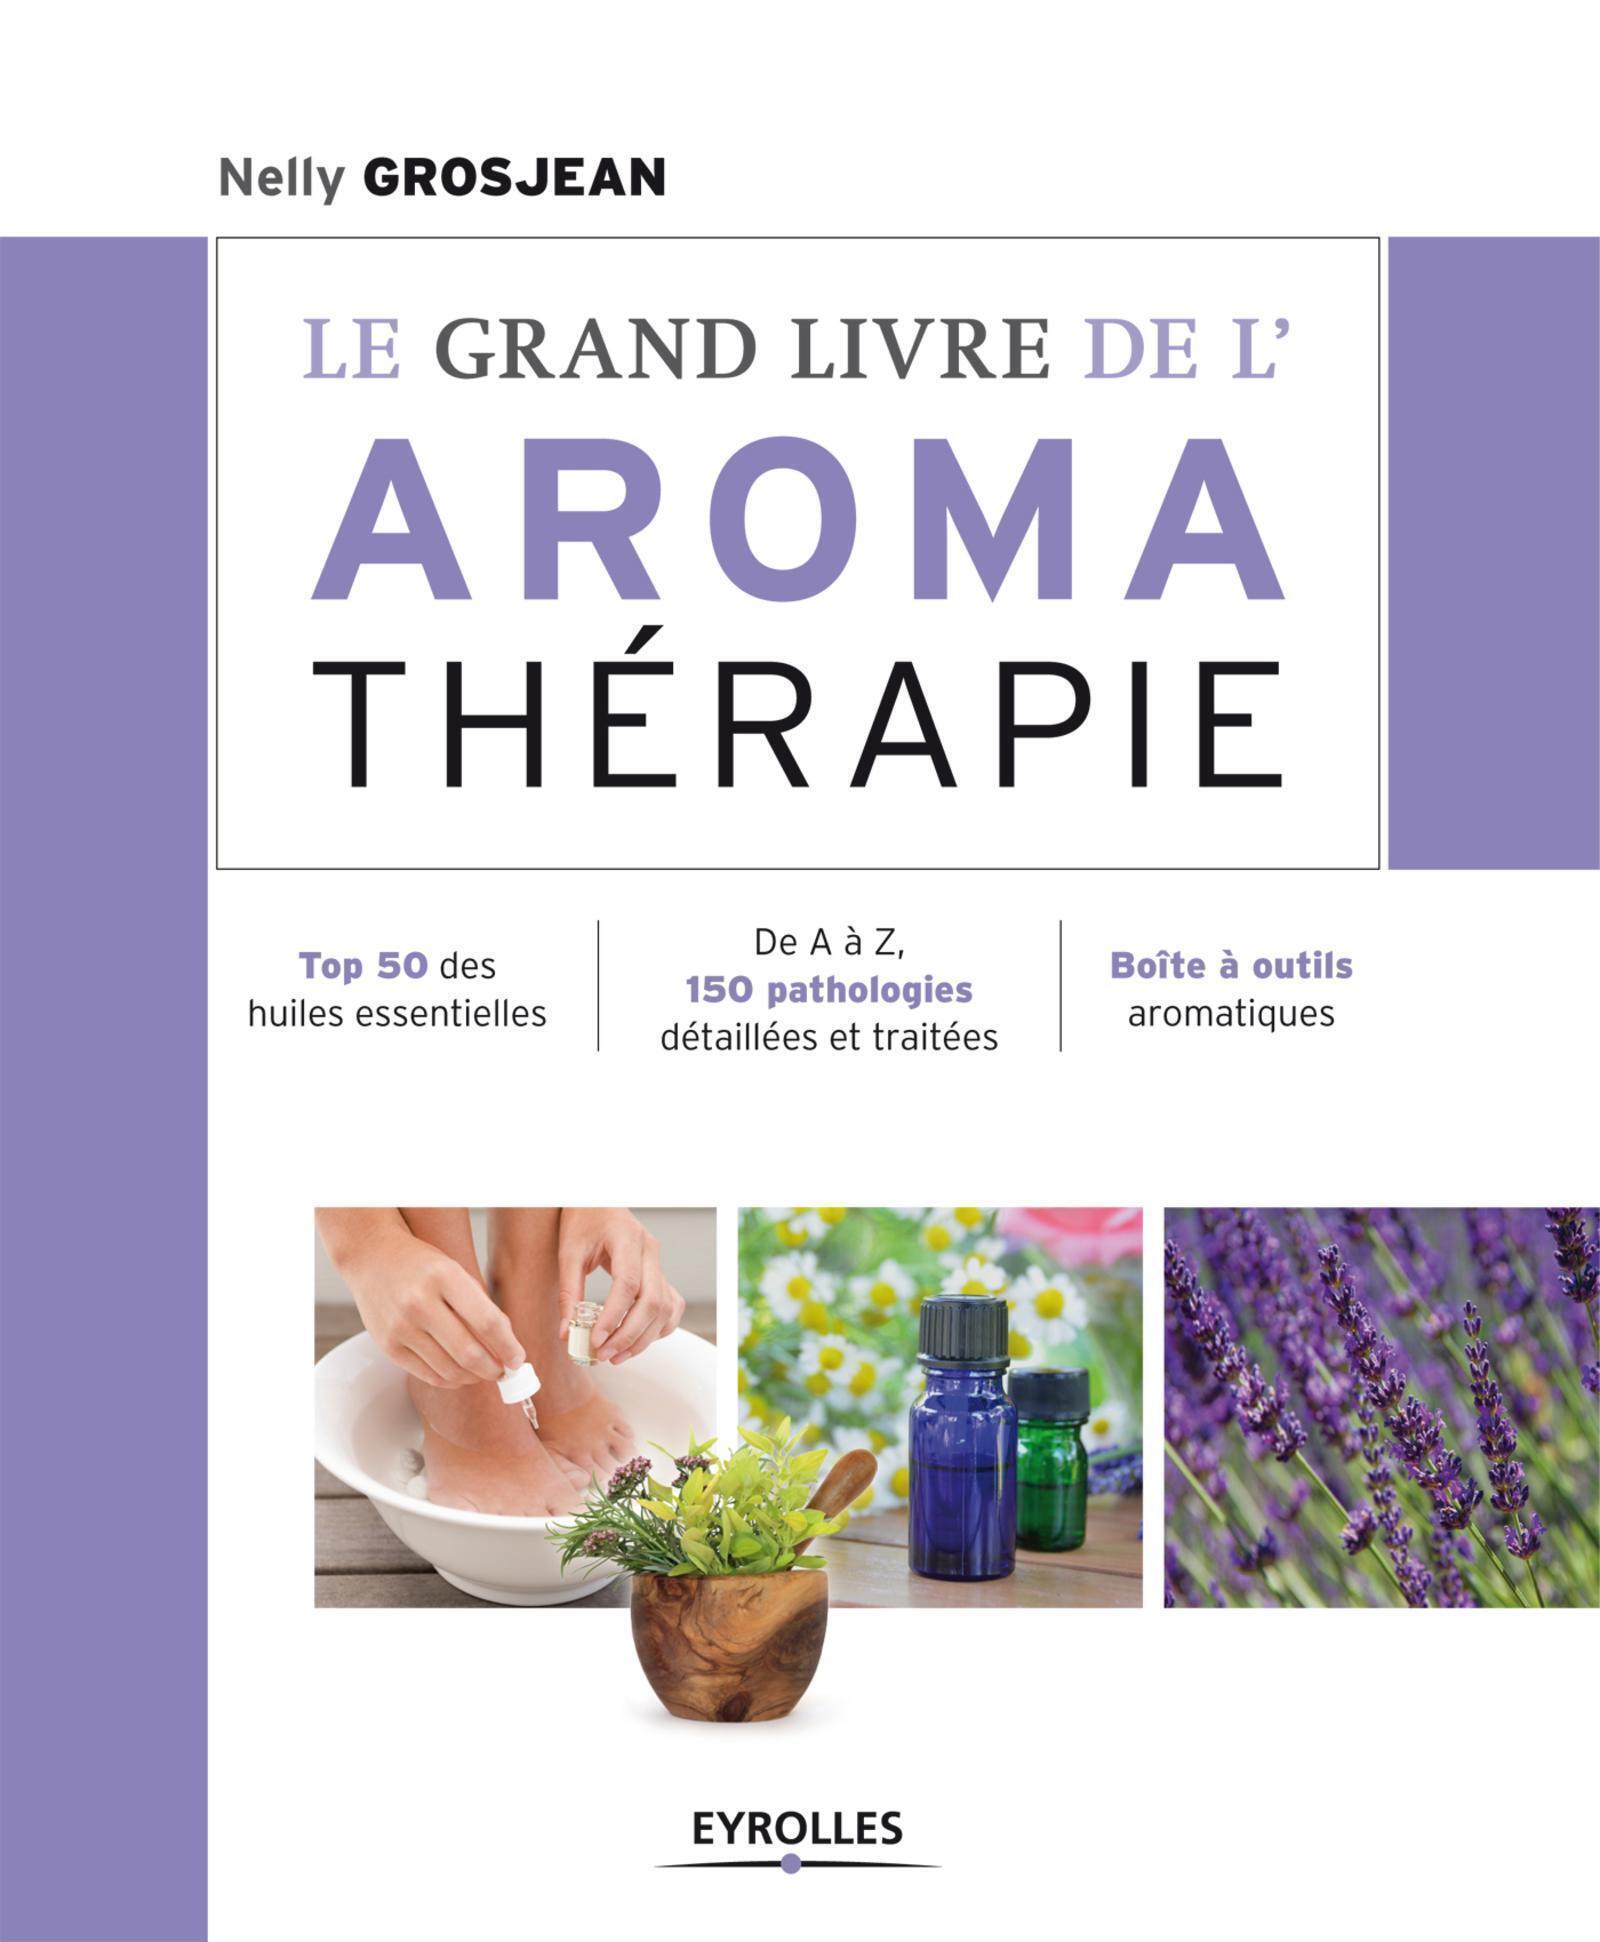 LE GRAND LIVRE DE L'AROMATHERAPIE - TOP 50 DES HUILES ESSENTIELLES, DE A A Z, 150 PATHOLOGIES DETAIL